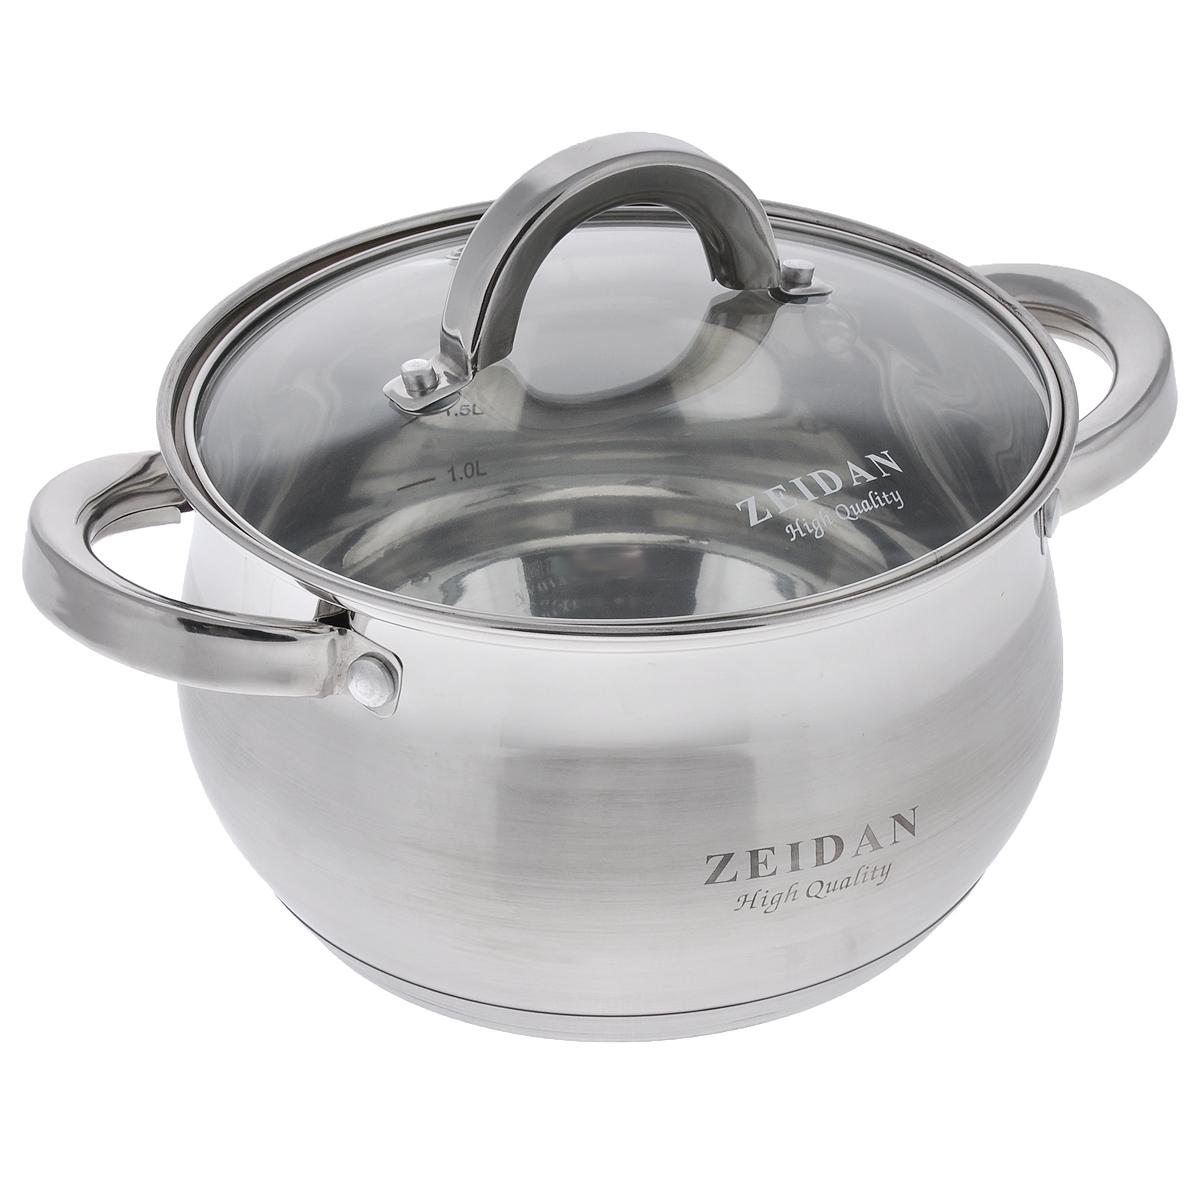 Кастрюля Zeidan с крышкой, 3 лZ-50238Кастрюля Zeidan изготовлена из высококачественной нержавеющей стали, имеет капсулированное дно, которое обеспечивает наилучшее распределение тепла. Кастрюля оформлена сочетанием зеркальной и матовой полировок. Прозрачная крышка, выполненная из термостойкого стекла, позволяет следить за процессом приготовления пищи. На внутренней стенке кастрюли расположена шкала литража. Кастрюля подходит для газовых, электрических, галогеновых, стеклокерамических и индукционных плит. Пригодна для мытья в посудомоечной машине. Диаметр (по верхнему краю): 19,5 см. Ширина (с учетом ручек): 26 см. Высота стенок: 11,5 см. Толщина стенок: 3 мм. Толщина дна: 4 мм.